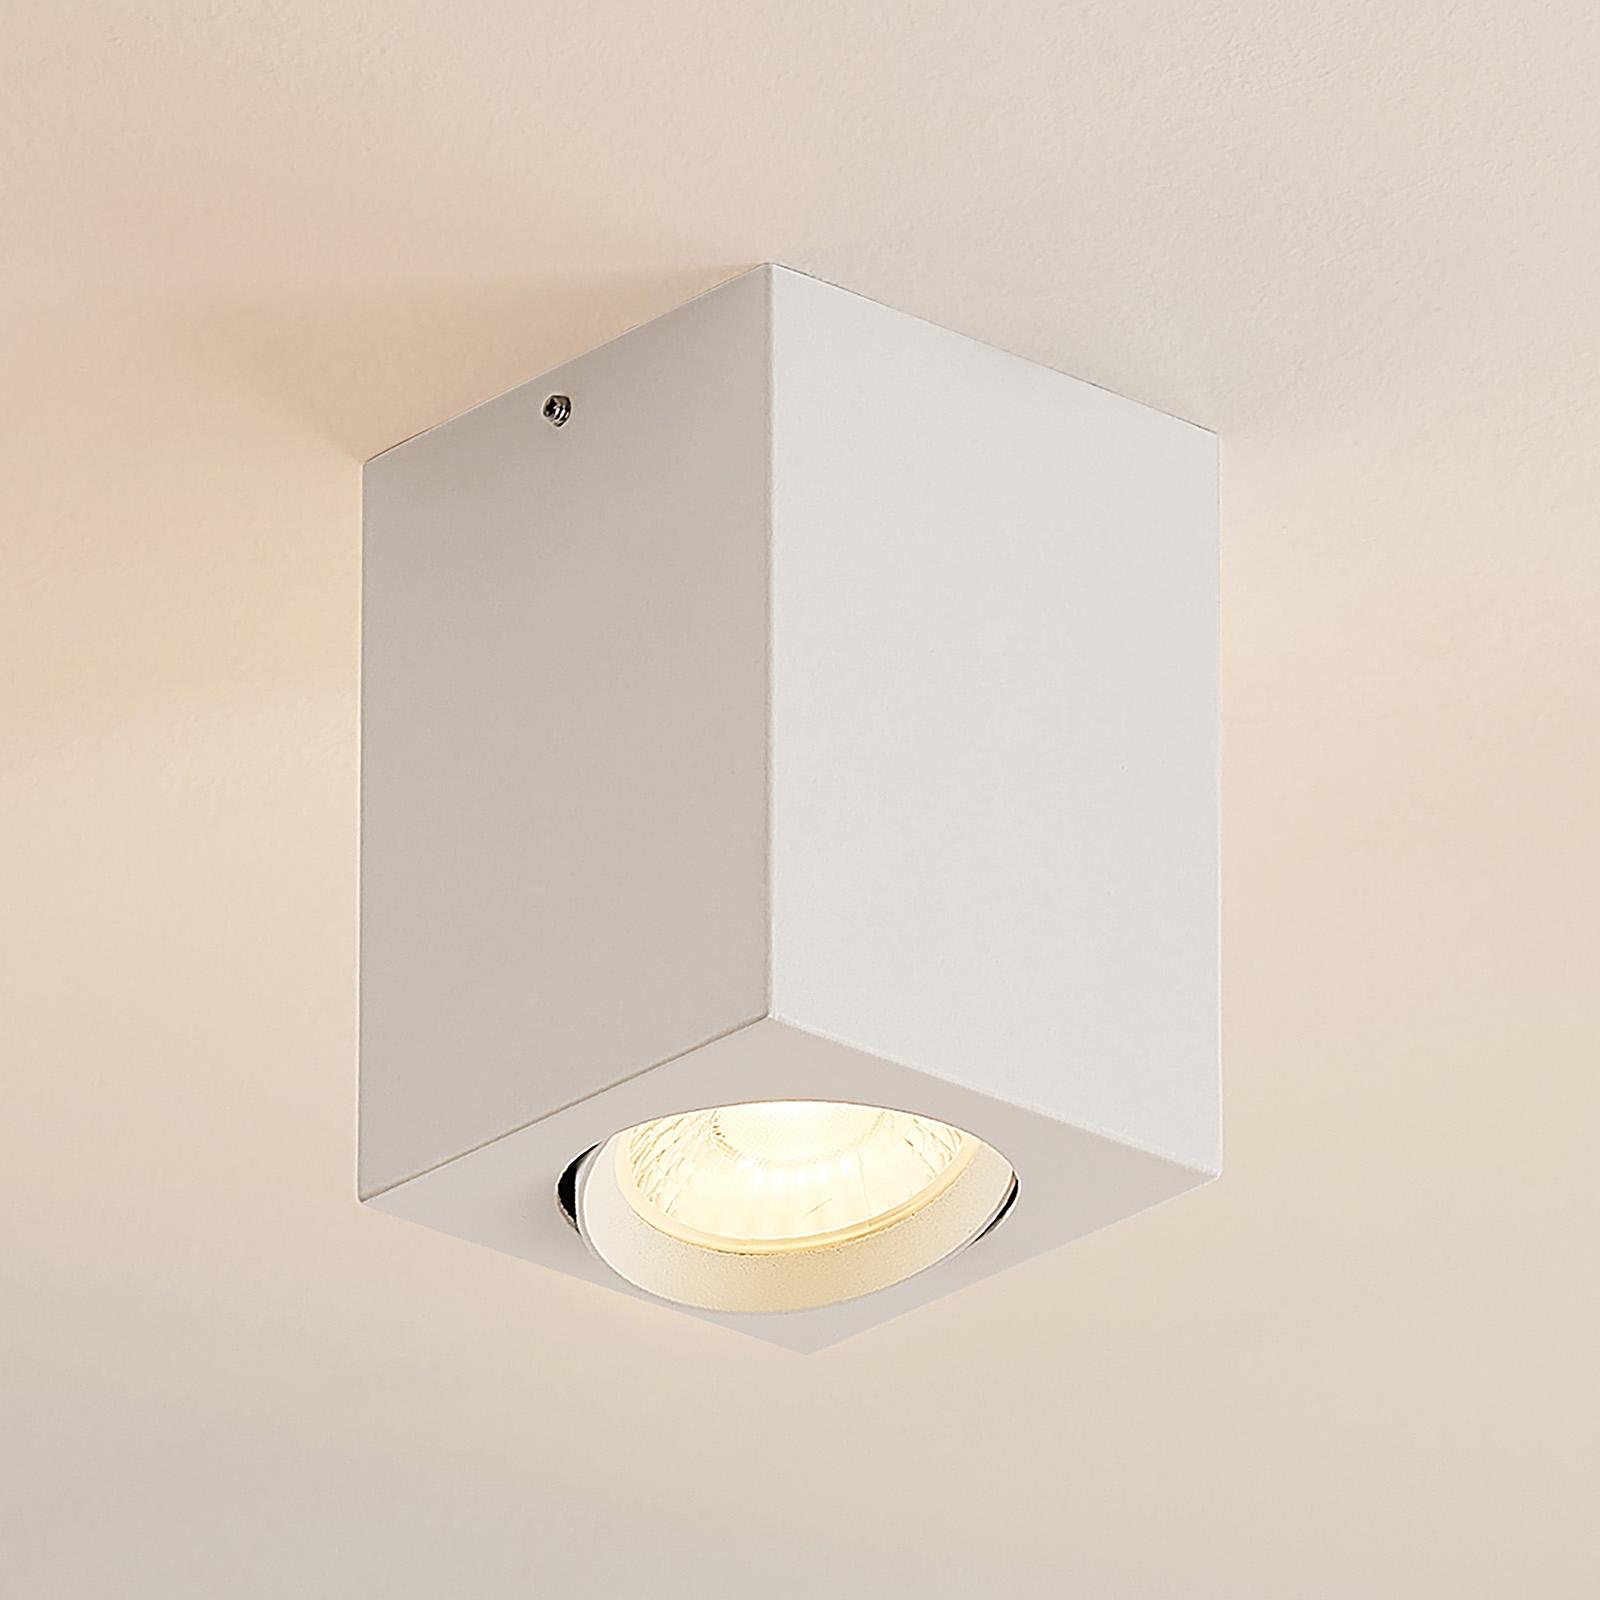 Arcchio Basir spot sufitowy LED biały, 4,8W